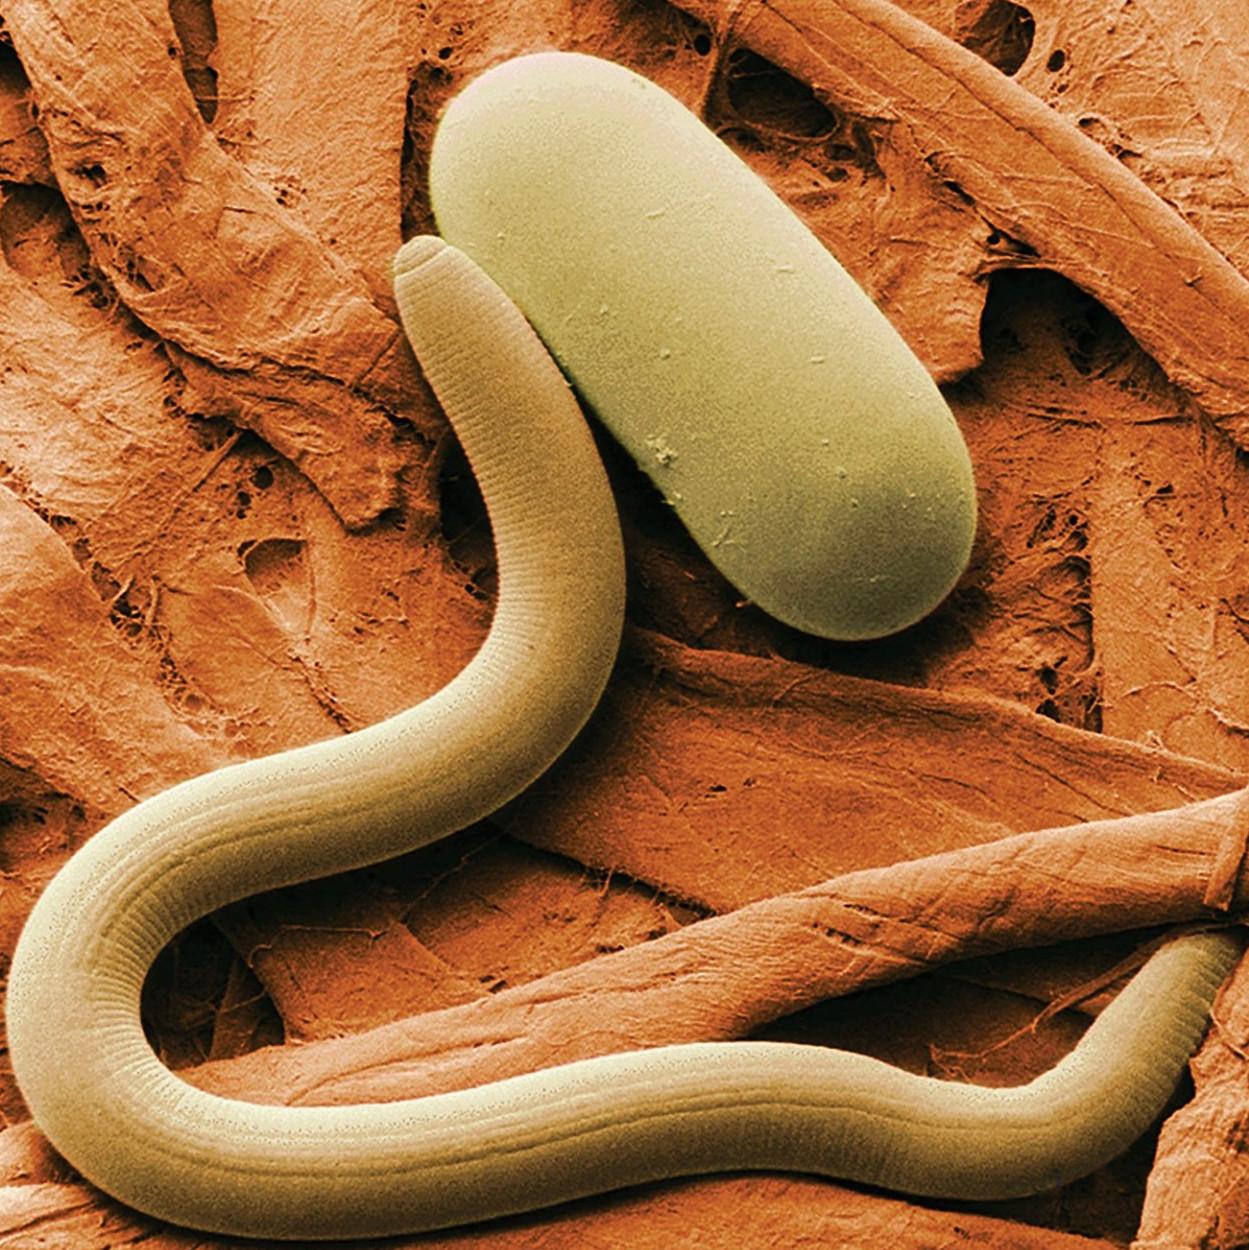 Nád giardia hogyan történik az enterobiosis?